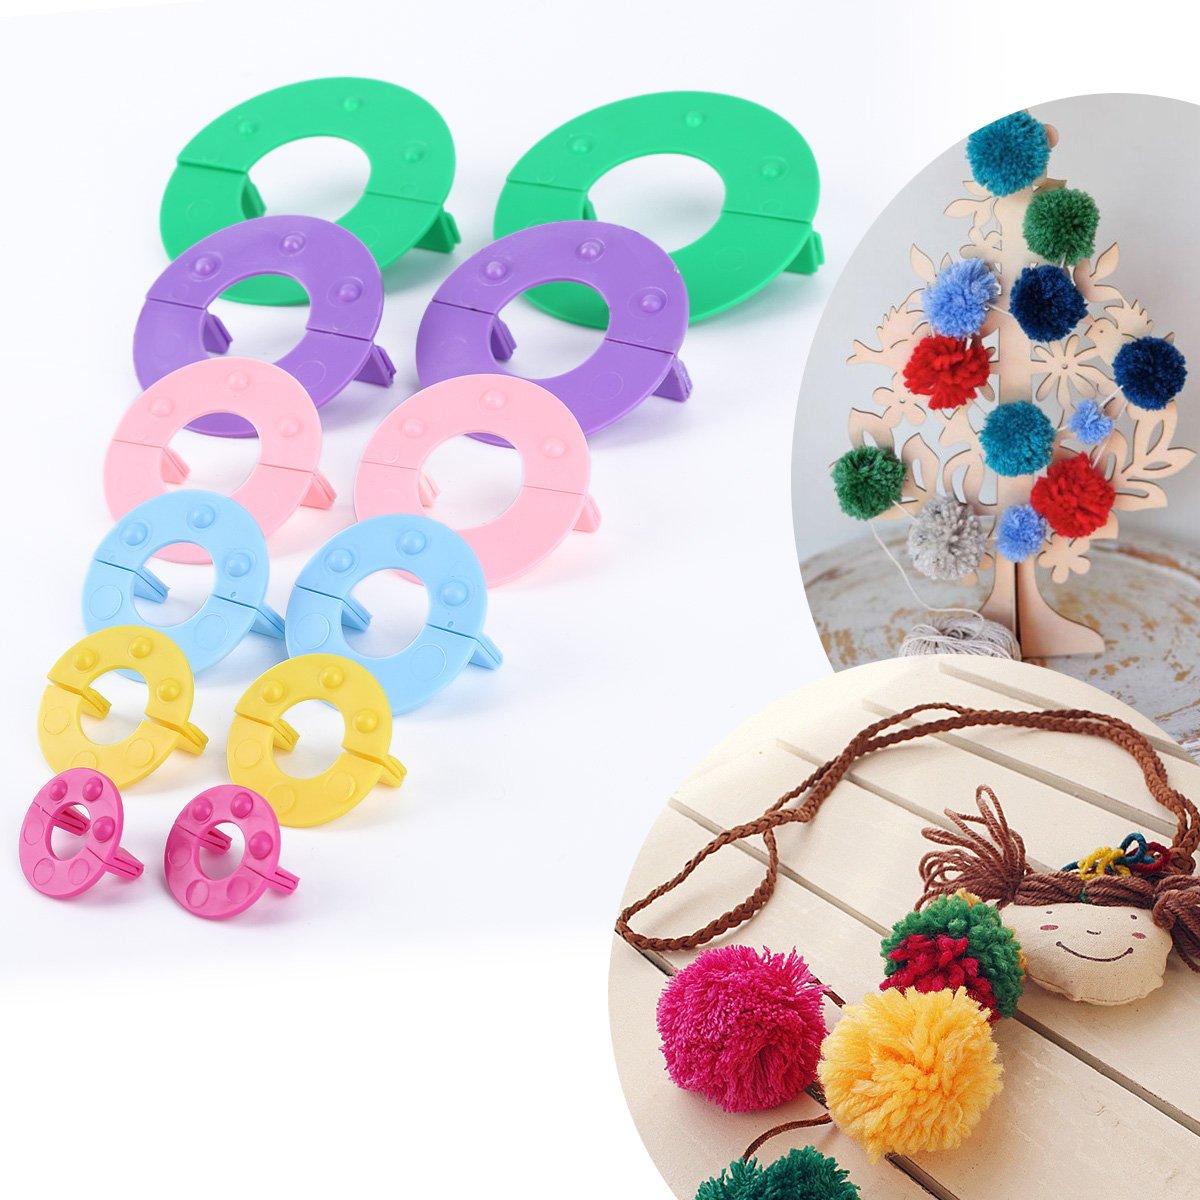 Surepromise Pompom maker 6 sizes pom poms bobble maker kit knitting crafts ball tool -- 2.5CM/3.5CM/4.5CM/5CM/7CM/9CM